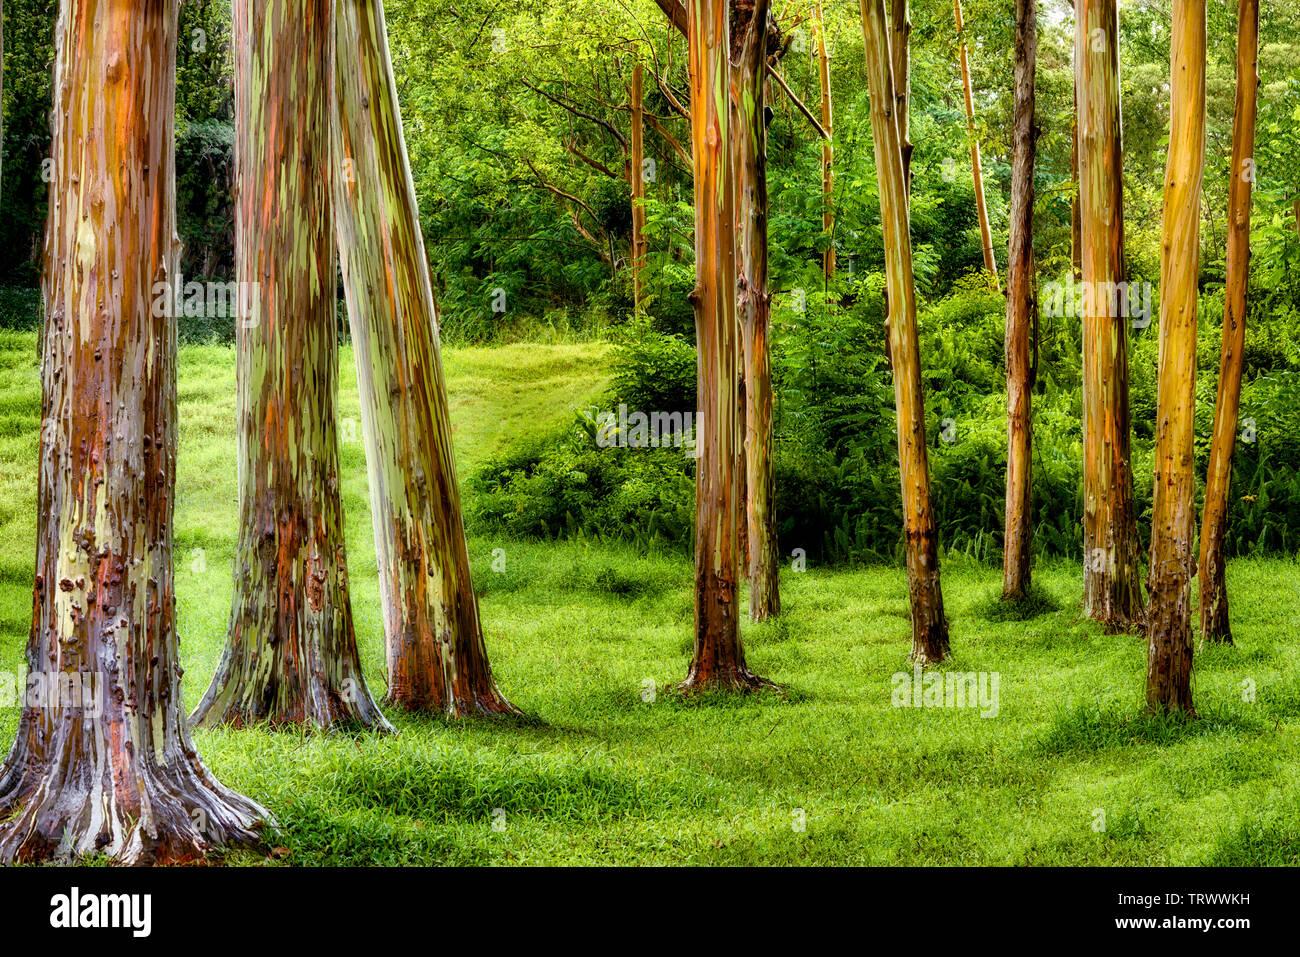 Painted Eucalyptus trees. Keahua Arboretum. Kauai, Hawaii - Stock Image